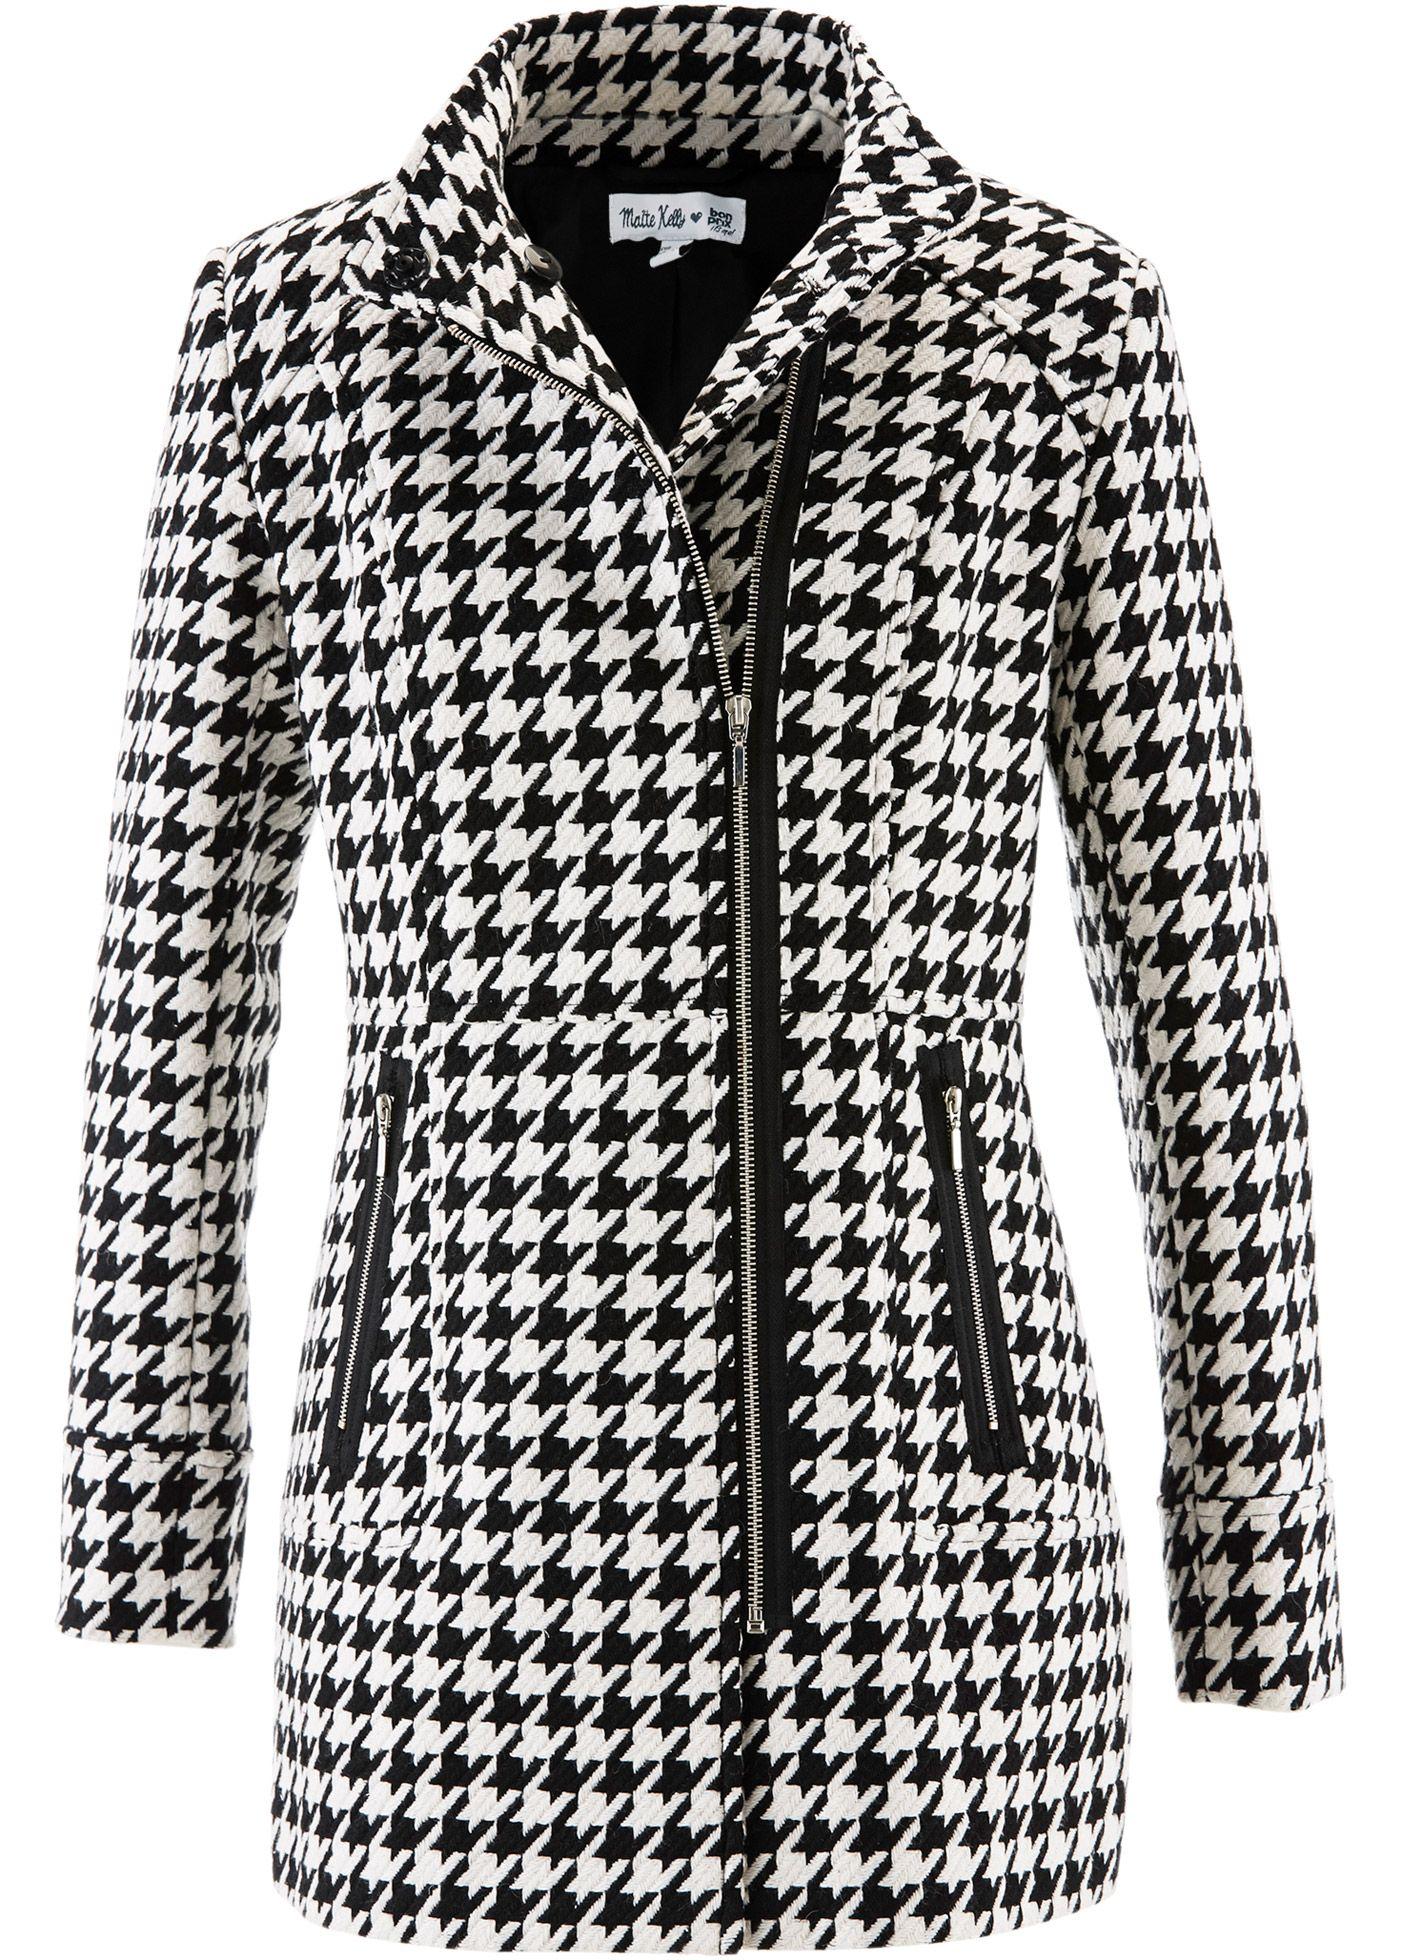 ce2feafbda28 Mantel designt von Maite Kelly schwarz wollweiß gemustert - bpc bonprix  collection jetzt im Online Shop von bonprix.de ab € 59,99 bestellen. Dieser  Mantel .